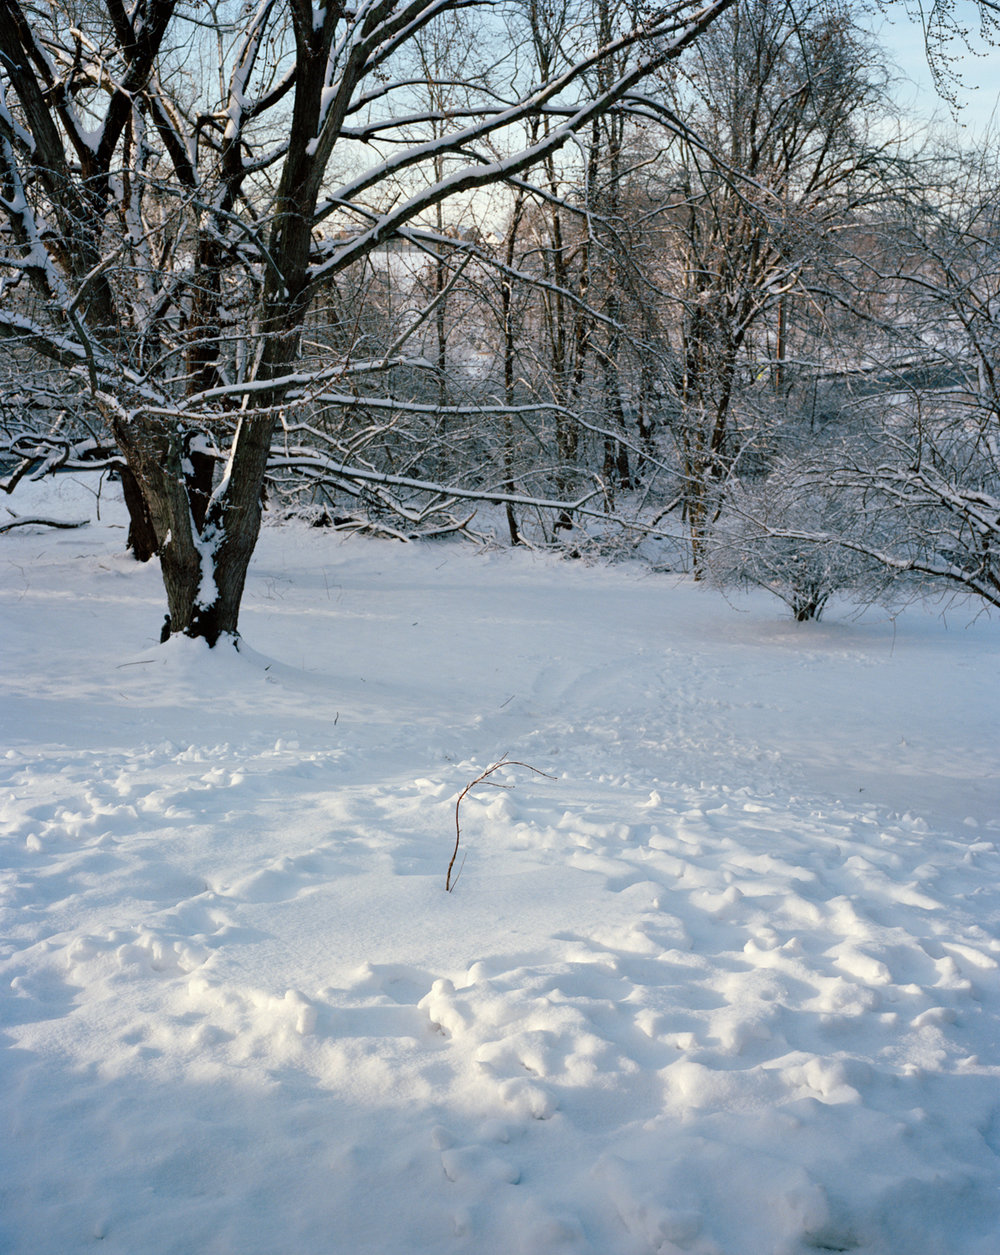 36-Little Tree in Snow.jpg